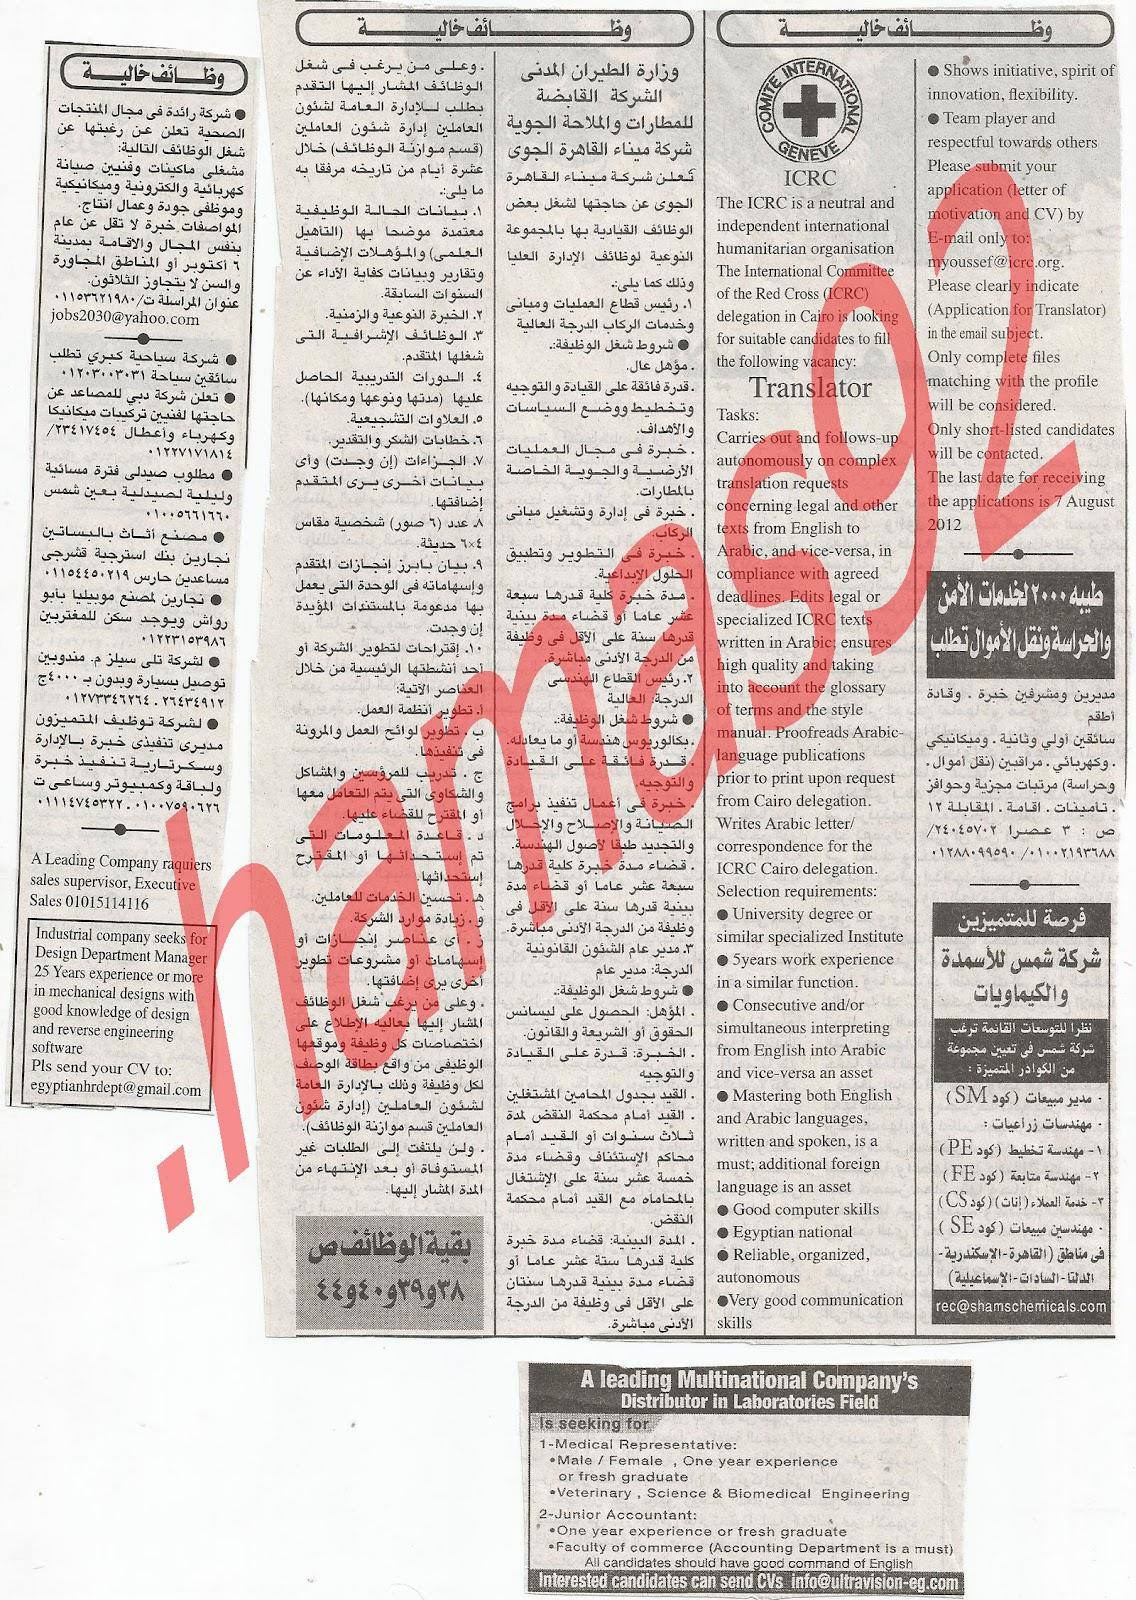 وظائف جريدة الاهرام الجمعة 20/7/2012 - الاعلانات كاملة 5